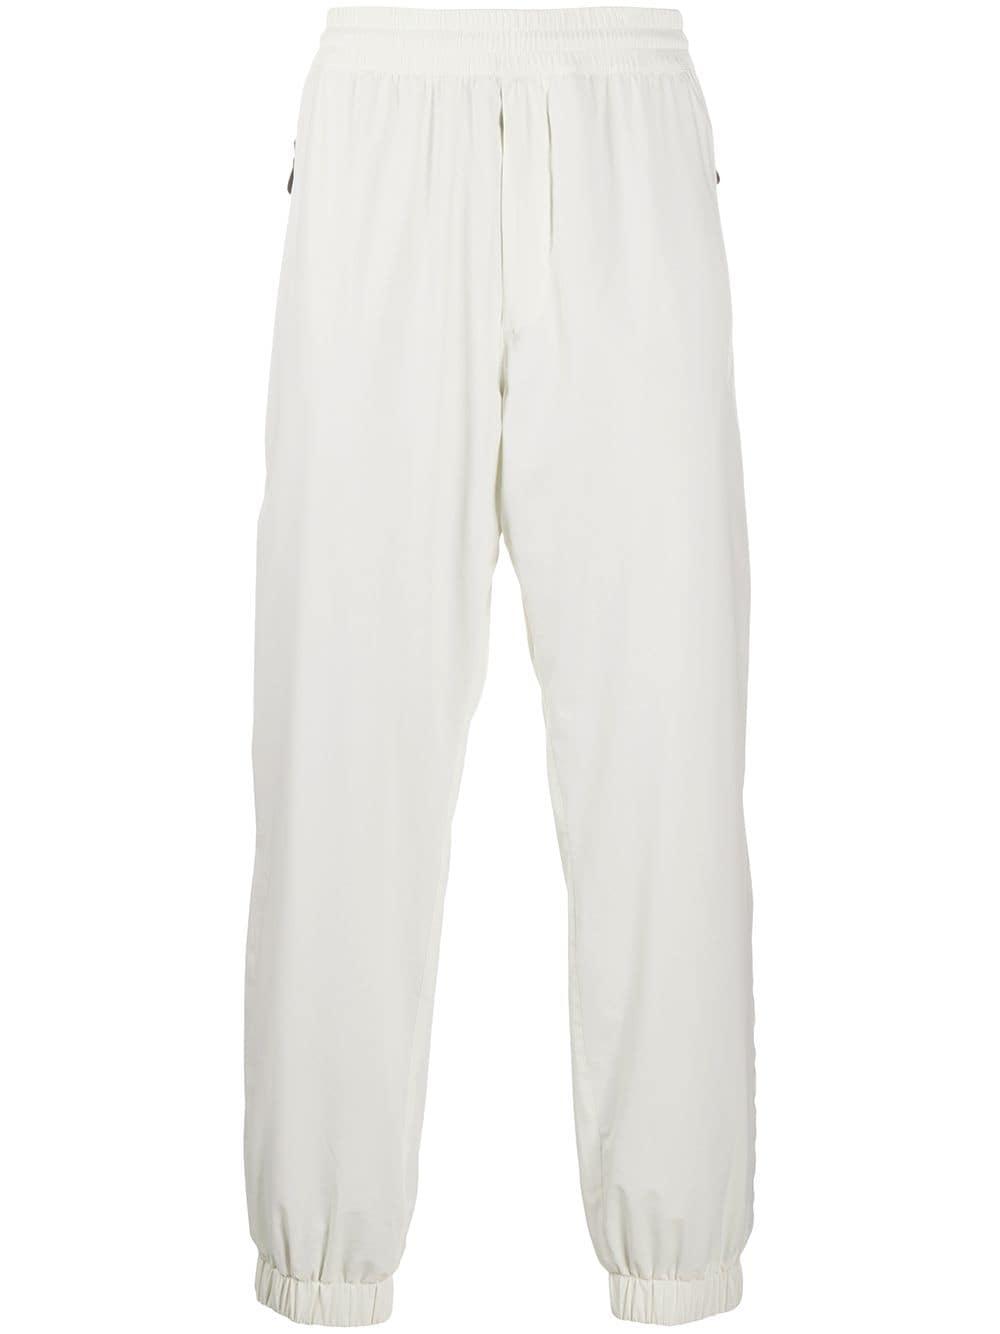 Moncler Grenoble Sporthose mit elastischen Bündchen - Weiß